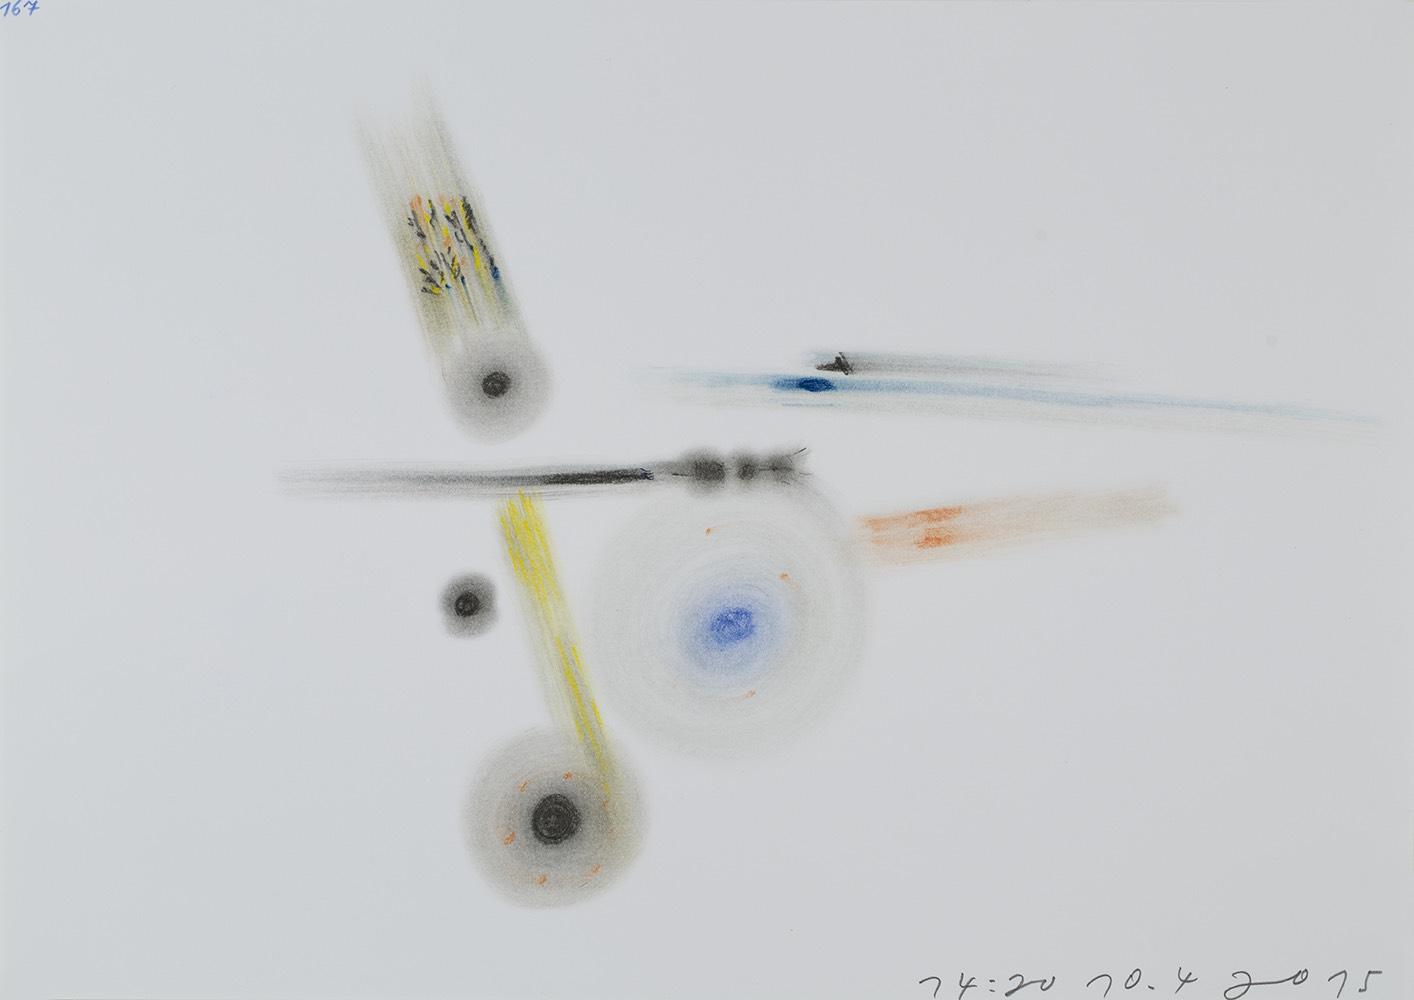 Tomáš Lampar    Untitled  , 2015 Pastel on paper 11.69 x 16.54 inches 29.7 x 42 cm TLa 40